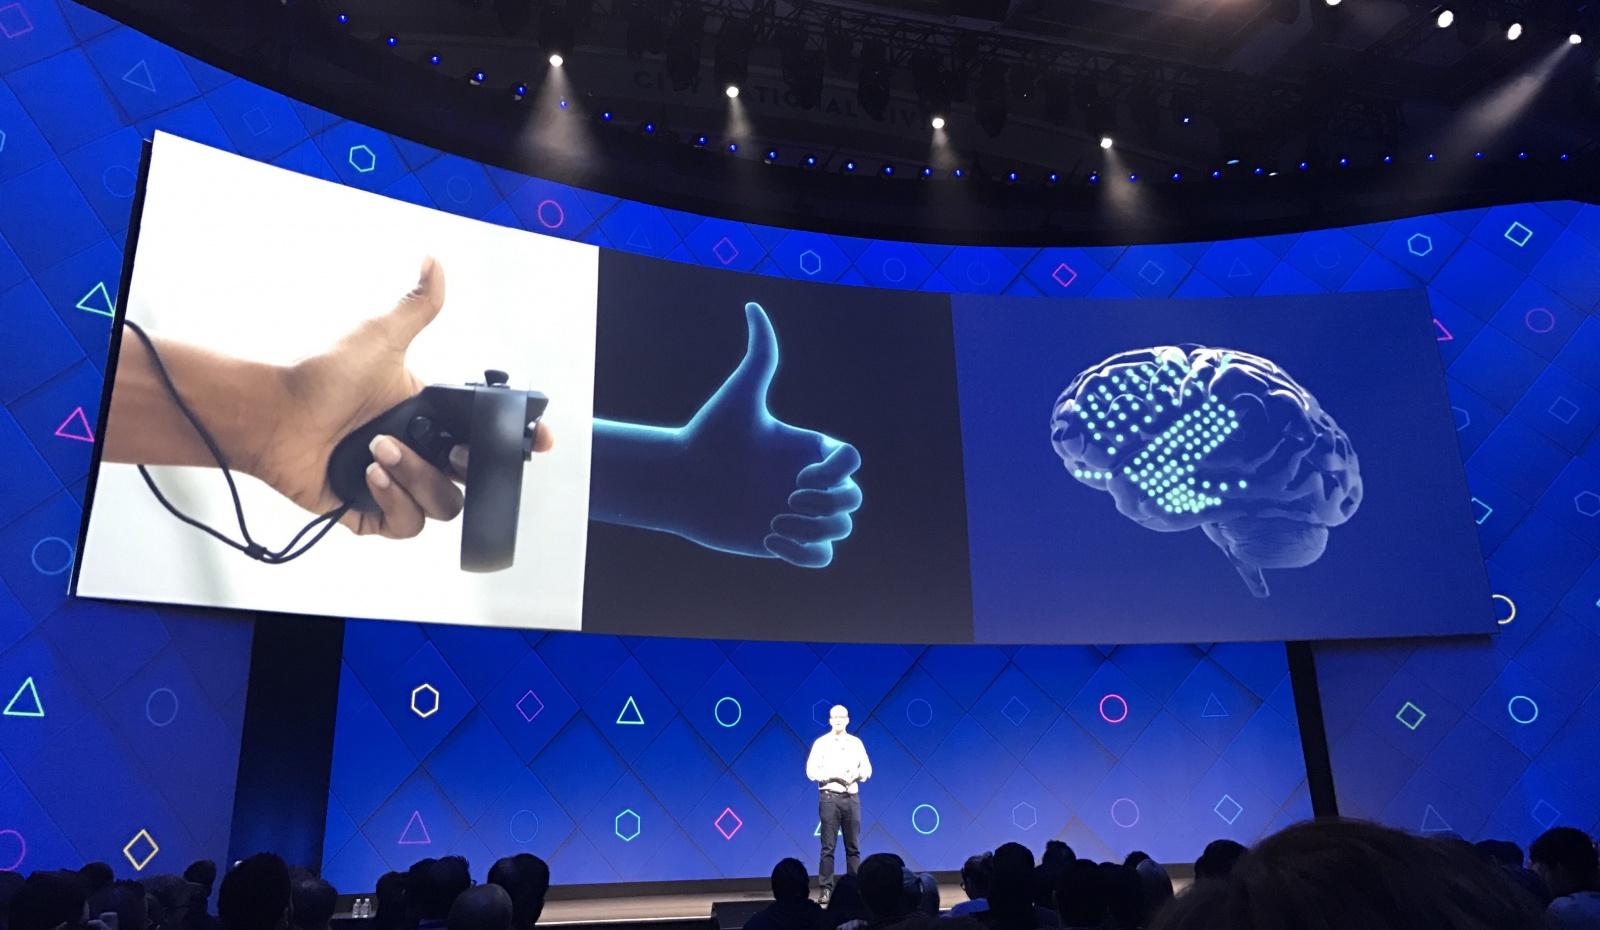 Facebook работает над нейроинтерфейсом для радикального изменения способа взаимодействия человека и машин - 1